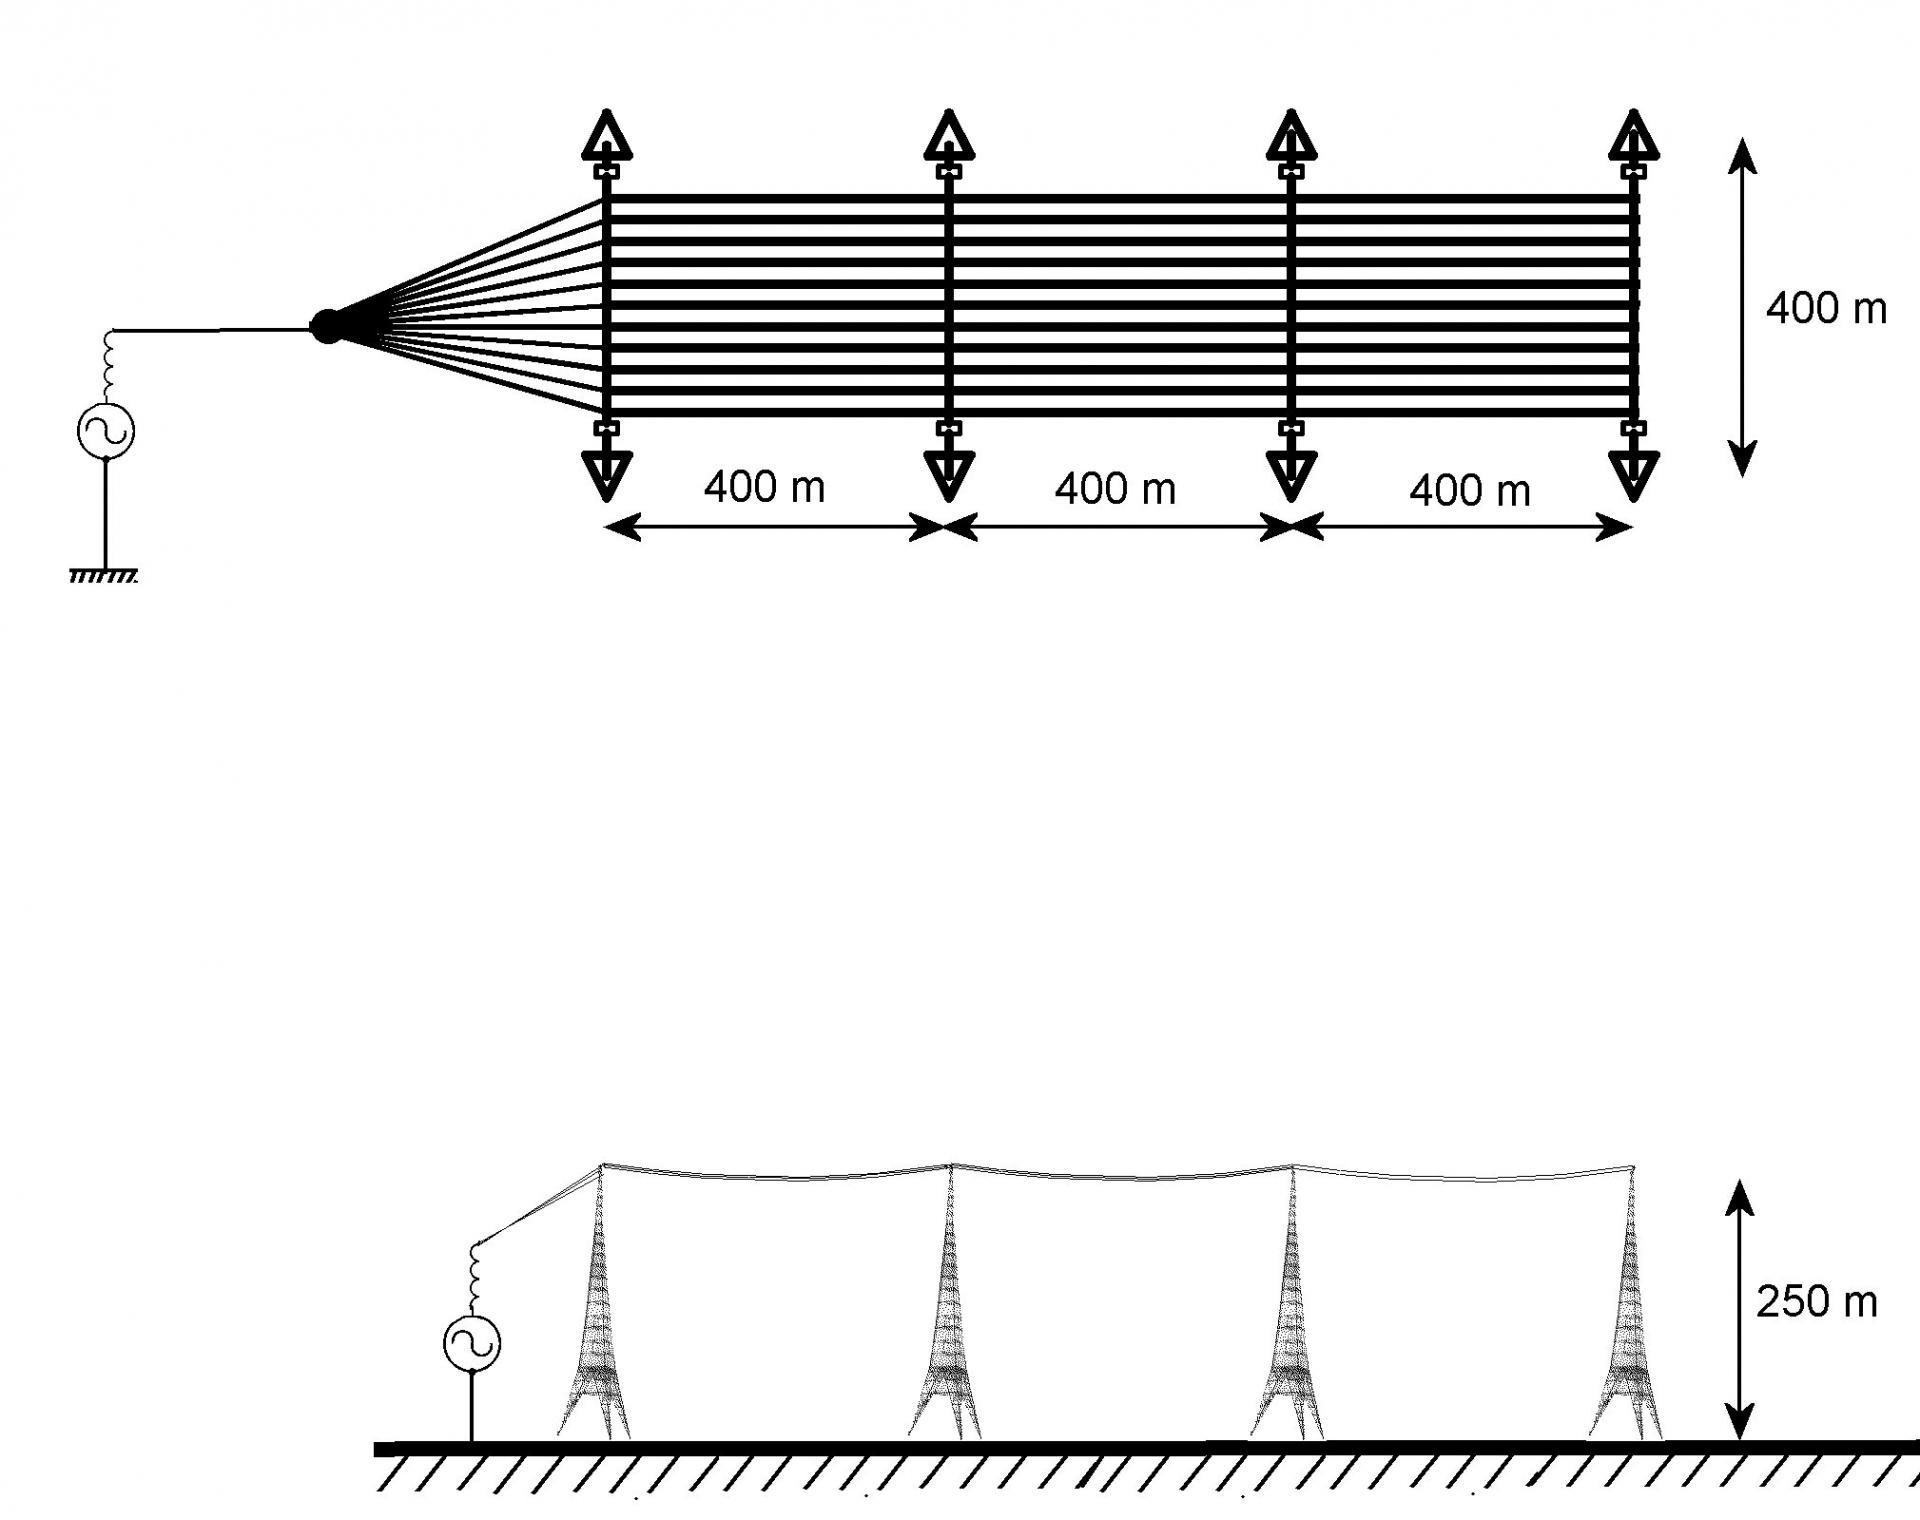 Figure plan de l antenne